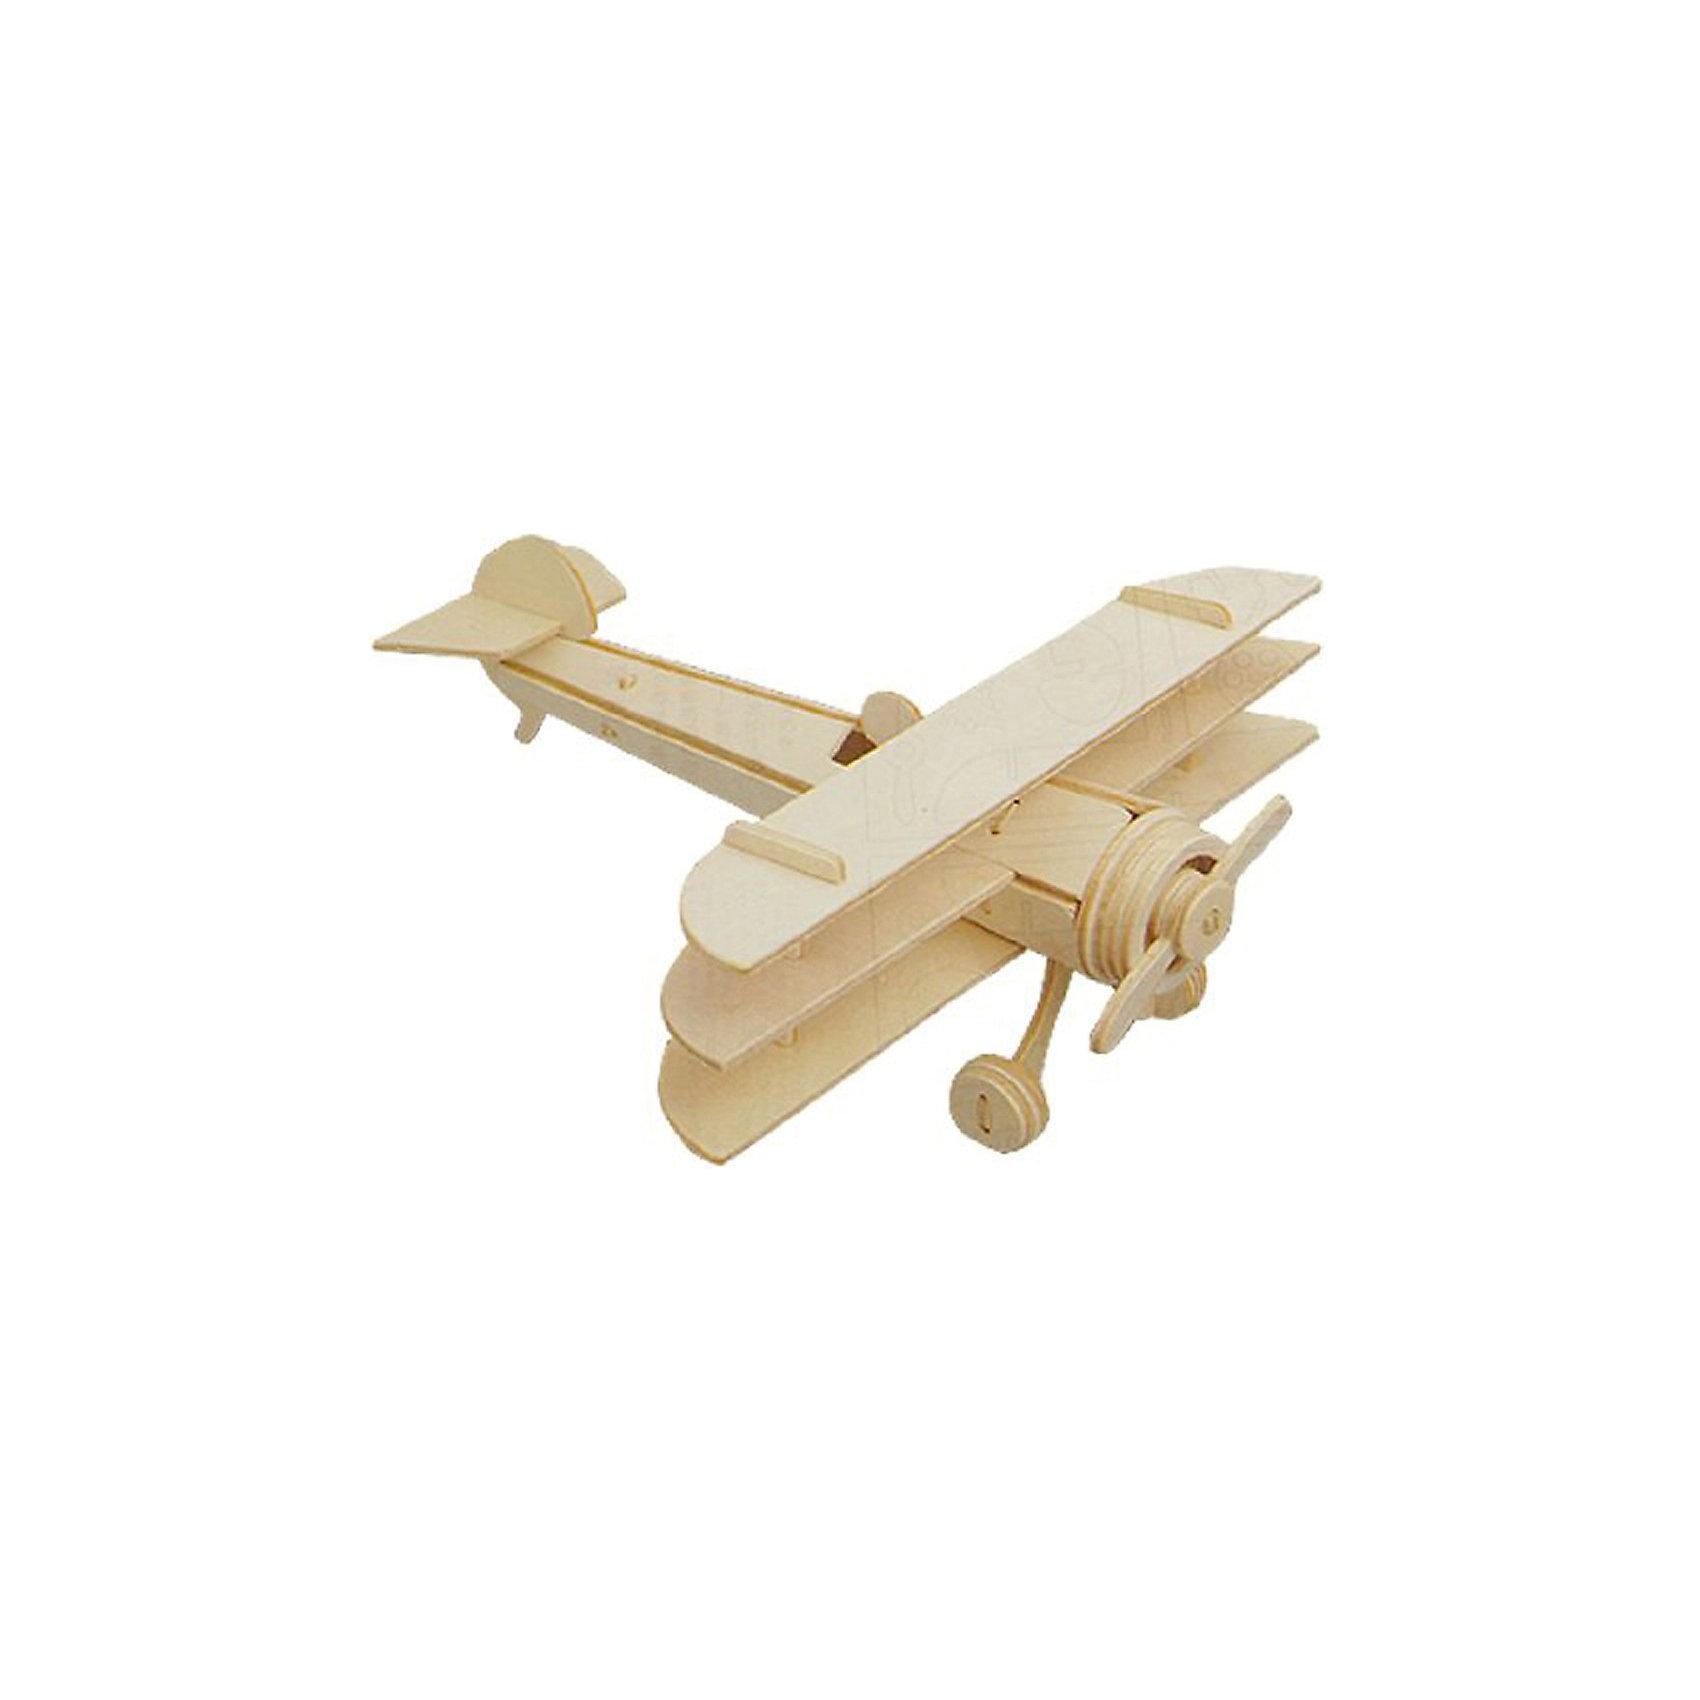 Льюис, Мир деревянных игрушекДеревянные конструкторы<br>Отличный вариант подарка для любящего самодеты творческого ребенка - этот набор, из которого можно самому сделать красивую деревянную фигуру! Для этого нужно выдавить из пластины с деталями элементы для сборки и соединить их. Из наборов получаются красивые очень реалистичные игрушки, которые могут стать украшением комнаты.<br>Собирая их, ребенок будет развивать пространственное мышление, память и мелкую моторику. А раскрашивая готовое произведение, дети научатся подбирать цвета и будут развивать художественные навыки. Этот набор произведен из качественных и безопасных для детей материалов - дерево тщательно обработано.<br><br>Дополнительная информация:<br><br>материал: дерево;<br>цвет: бежевый;<br>элементы: пластины с деталями для сборки, схема сборки;<br>размер упаковки: 23 х 18 см.<br><br>3D-пазл Льюис от бренда Мир деревянных игрушек можно купить в нашем магазине.<br><br>Ширина мм: 225<br>Глубина мм: 30<br>Высота мм: 180<br>Вес г: 350<br>Возраст от месяцев: 36<br>Возраст до месяцев: 144<br>Пол: Унисекс<br>Возраст: Детский<br>SKU: 4969164